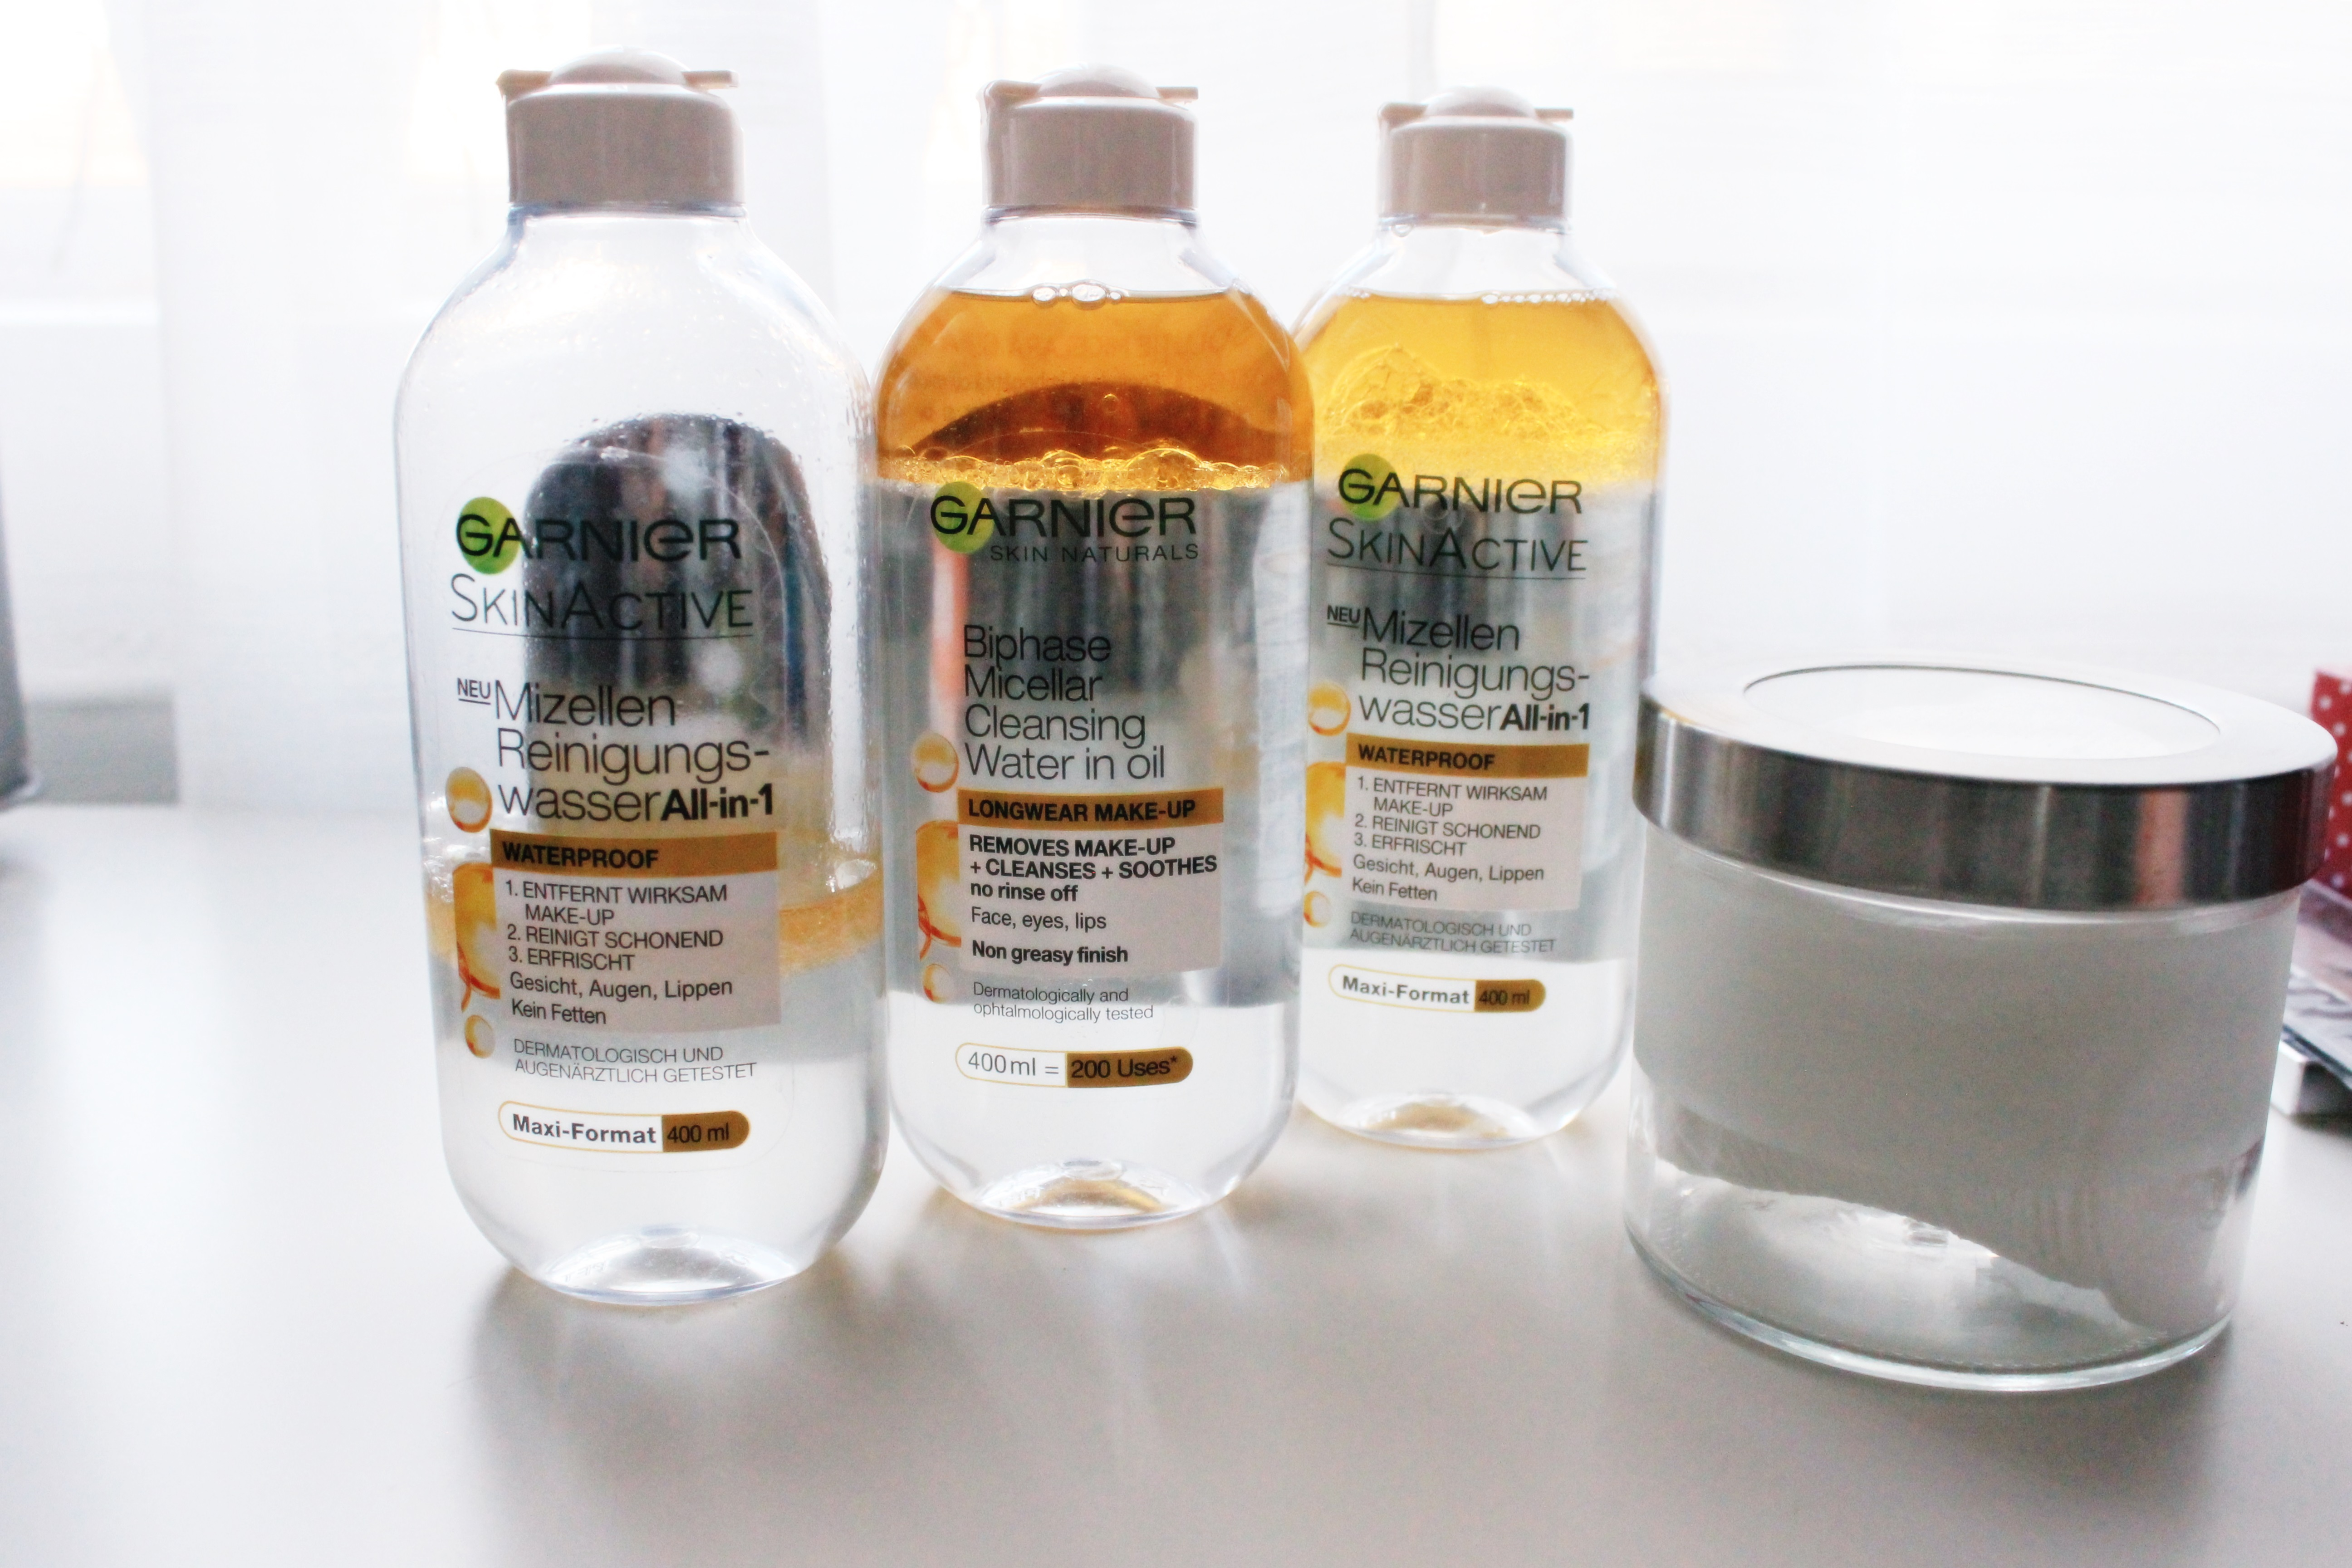 Garnier Water in Oil